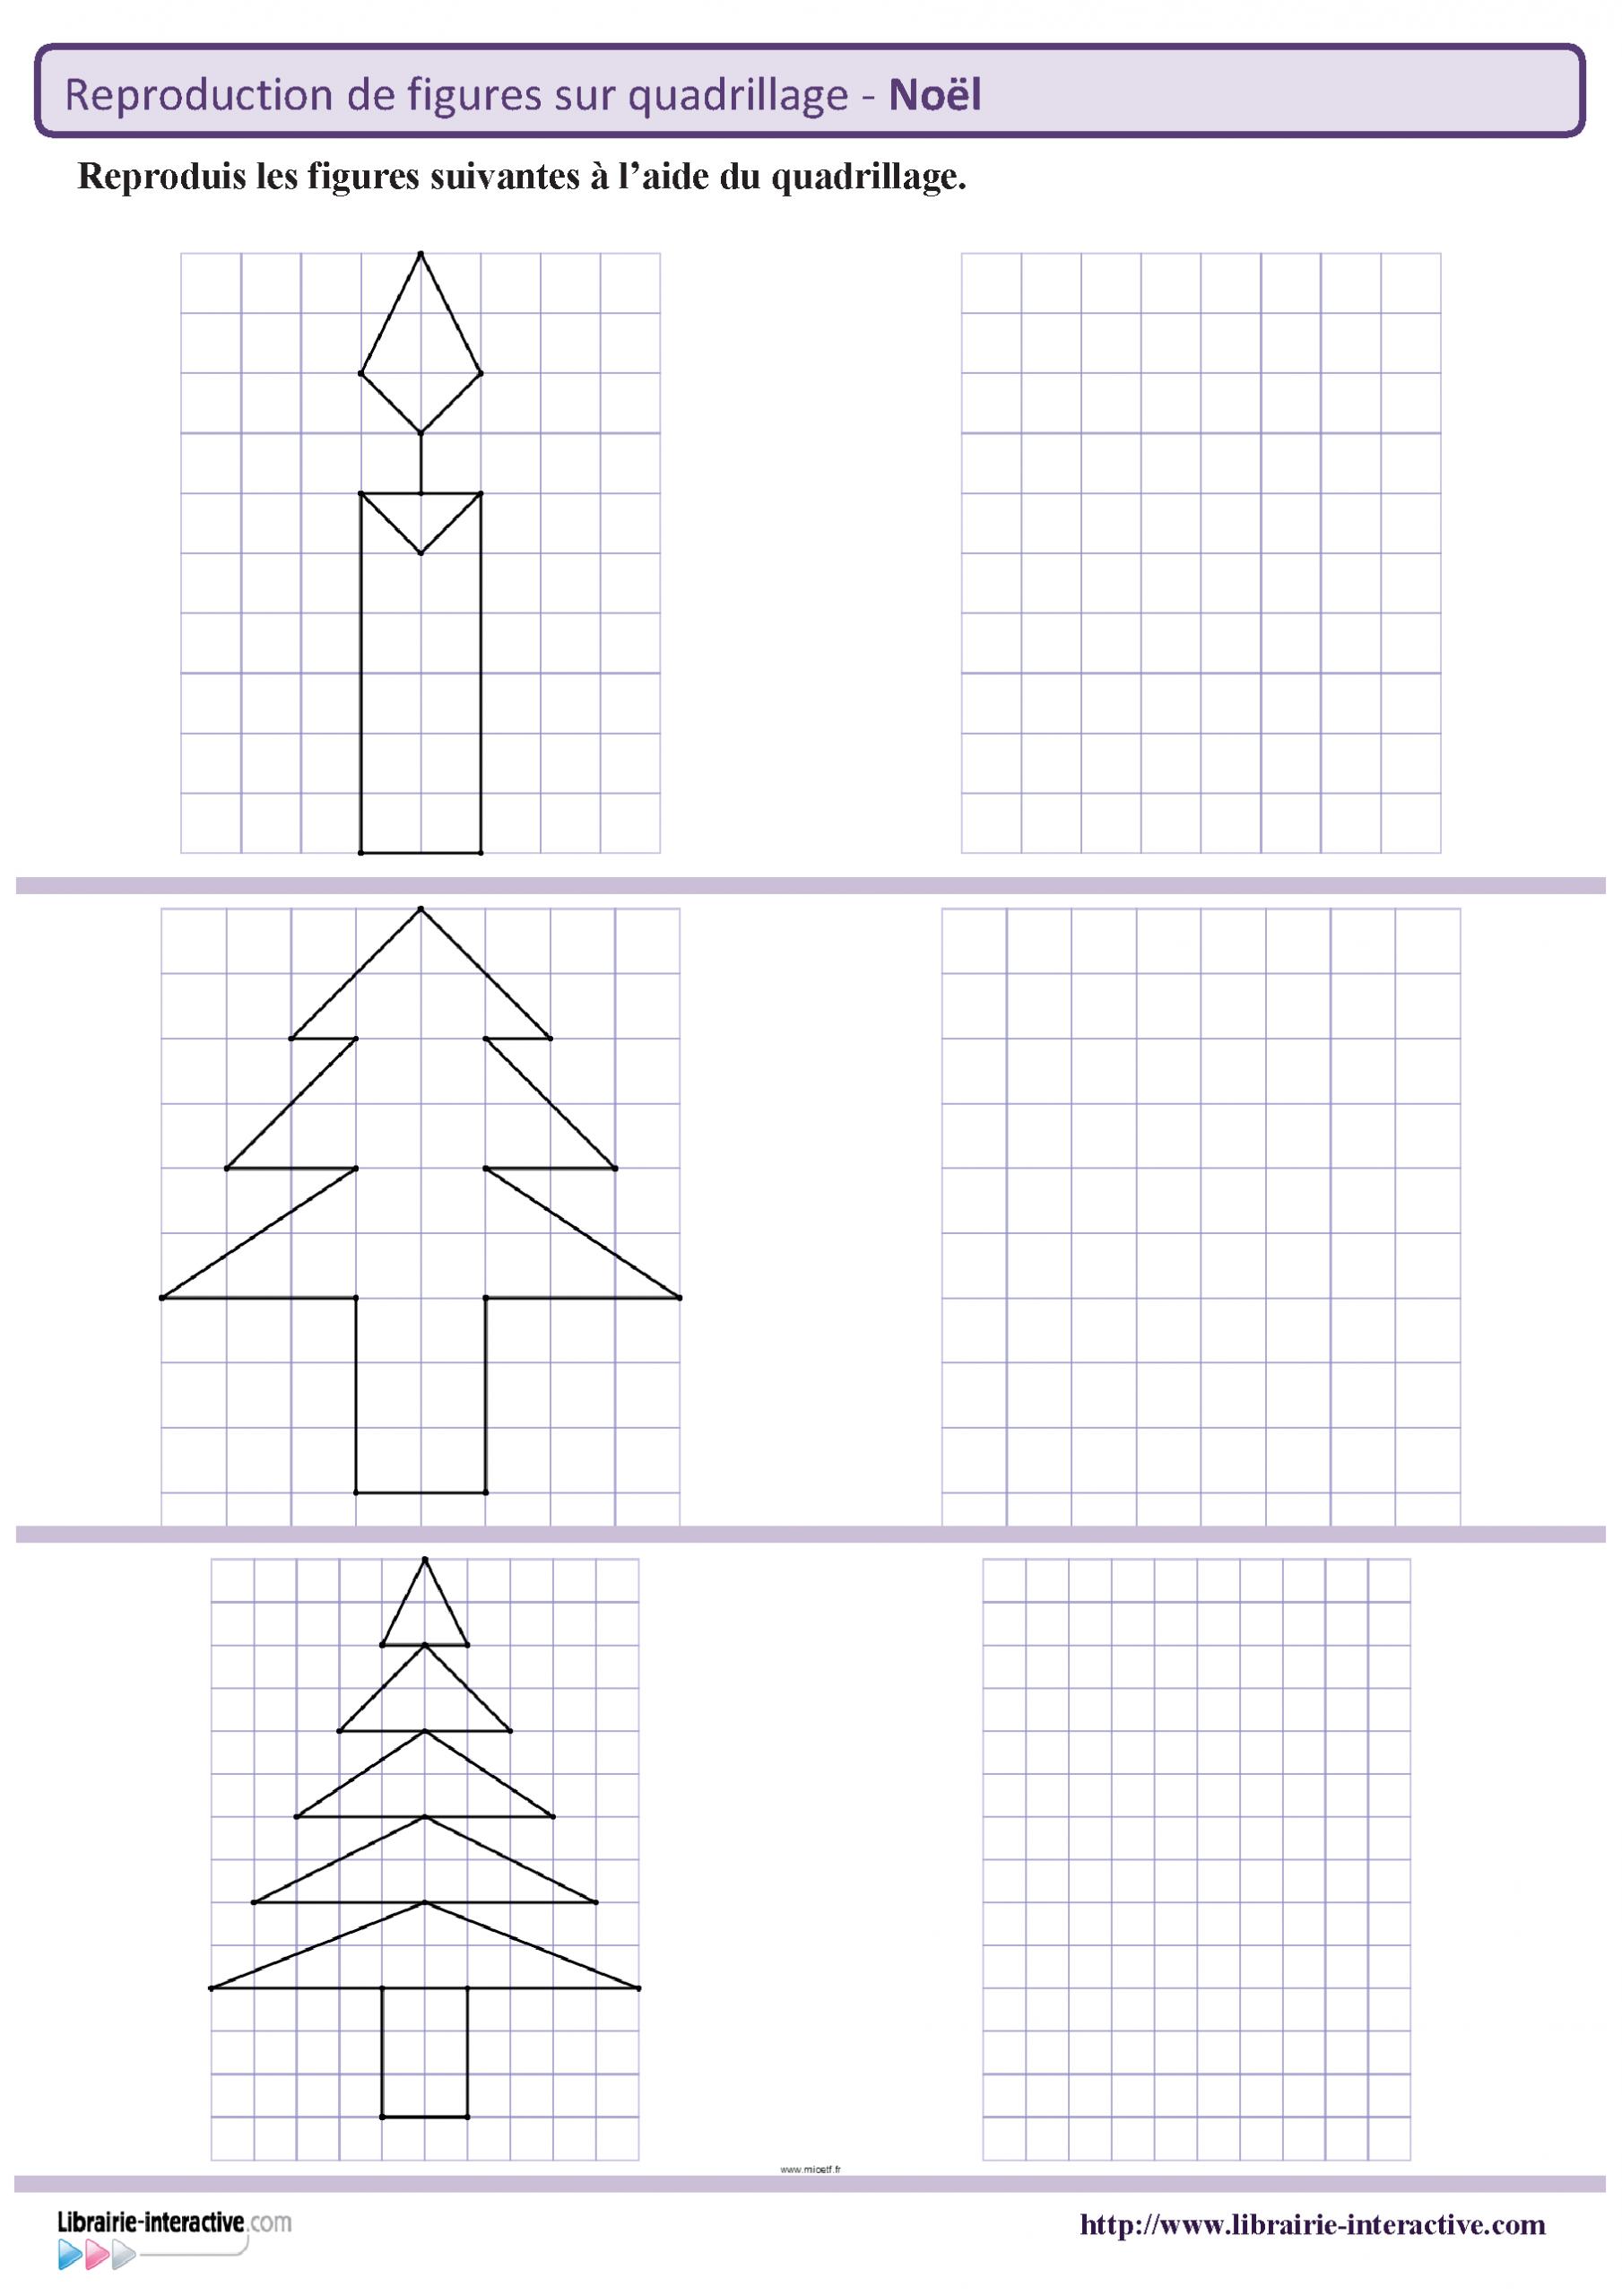 Des Figures Géométriques Sur Le Thème De Noël À Reproduire avec Reproduire Une Figure